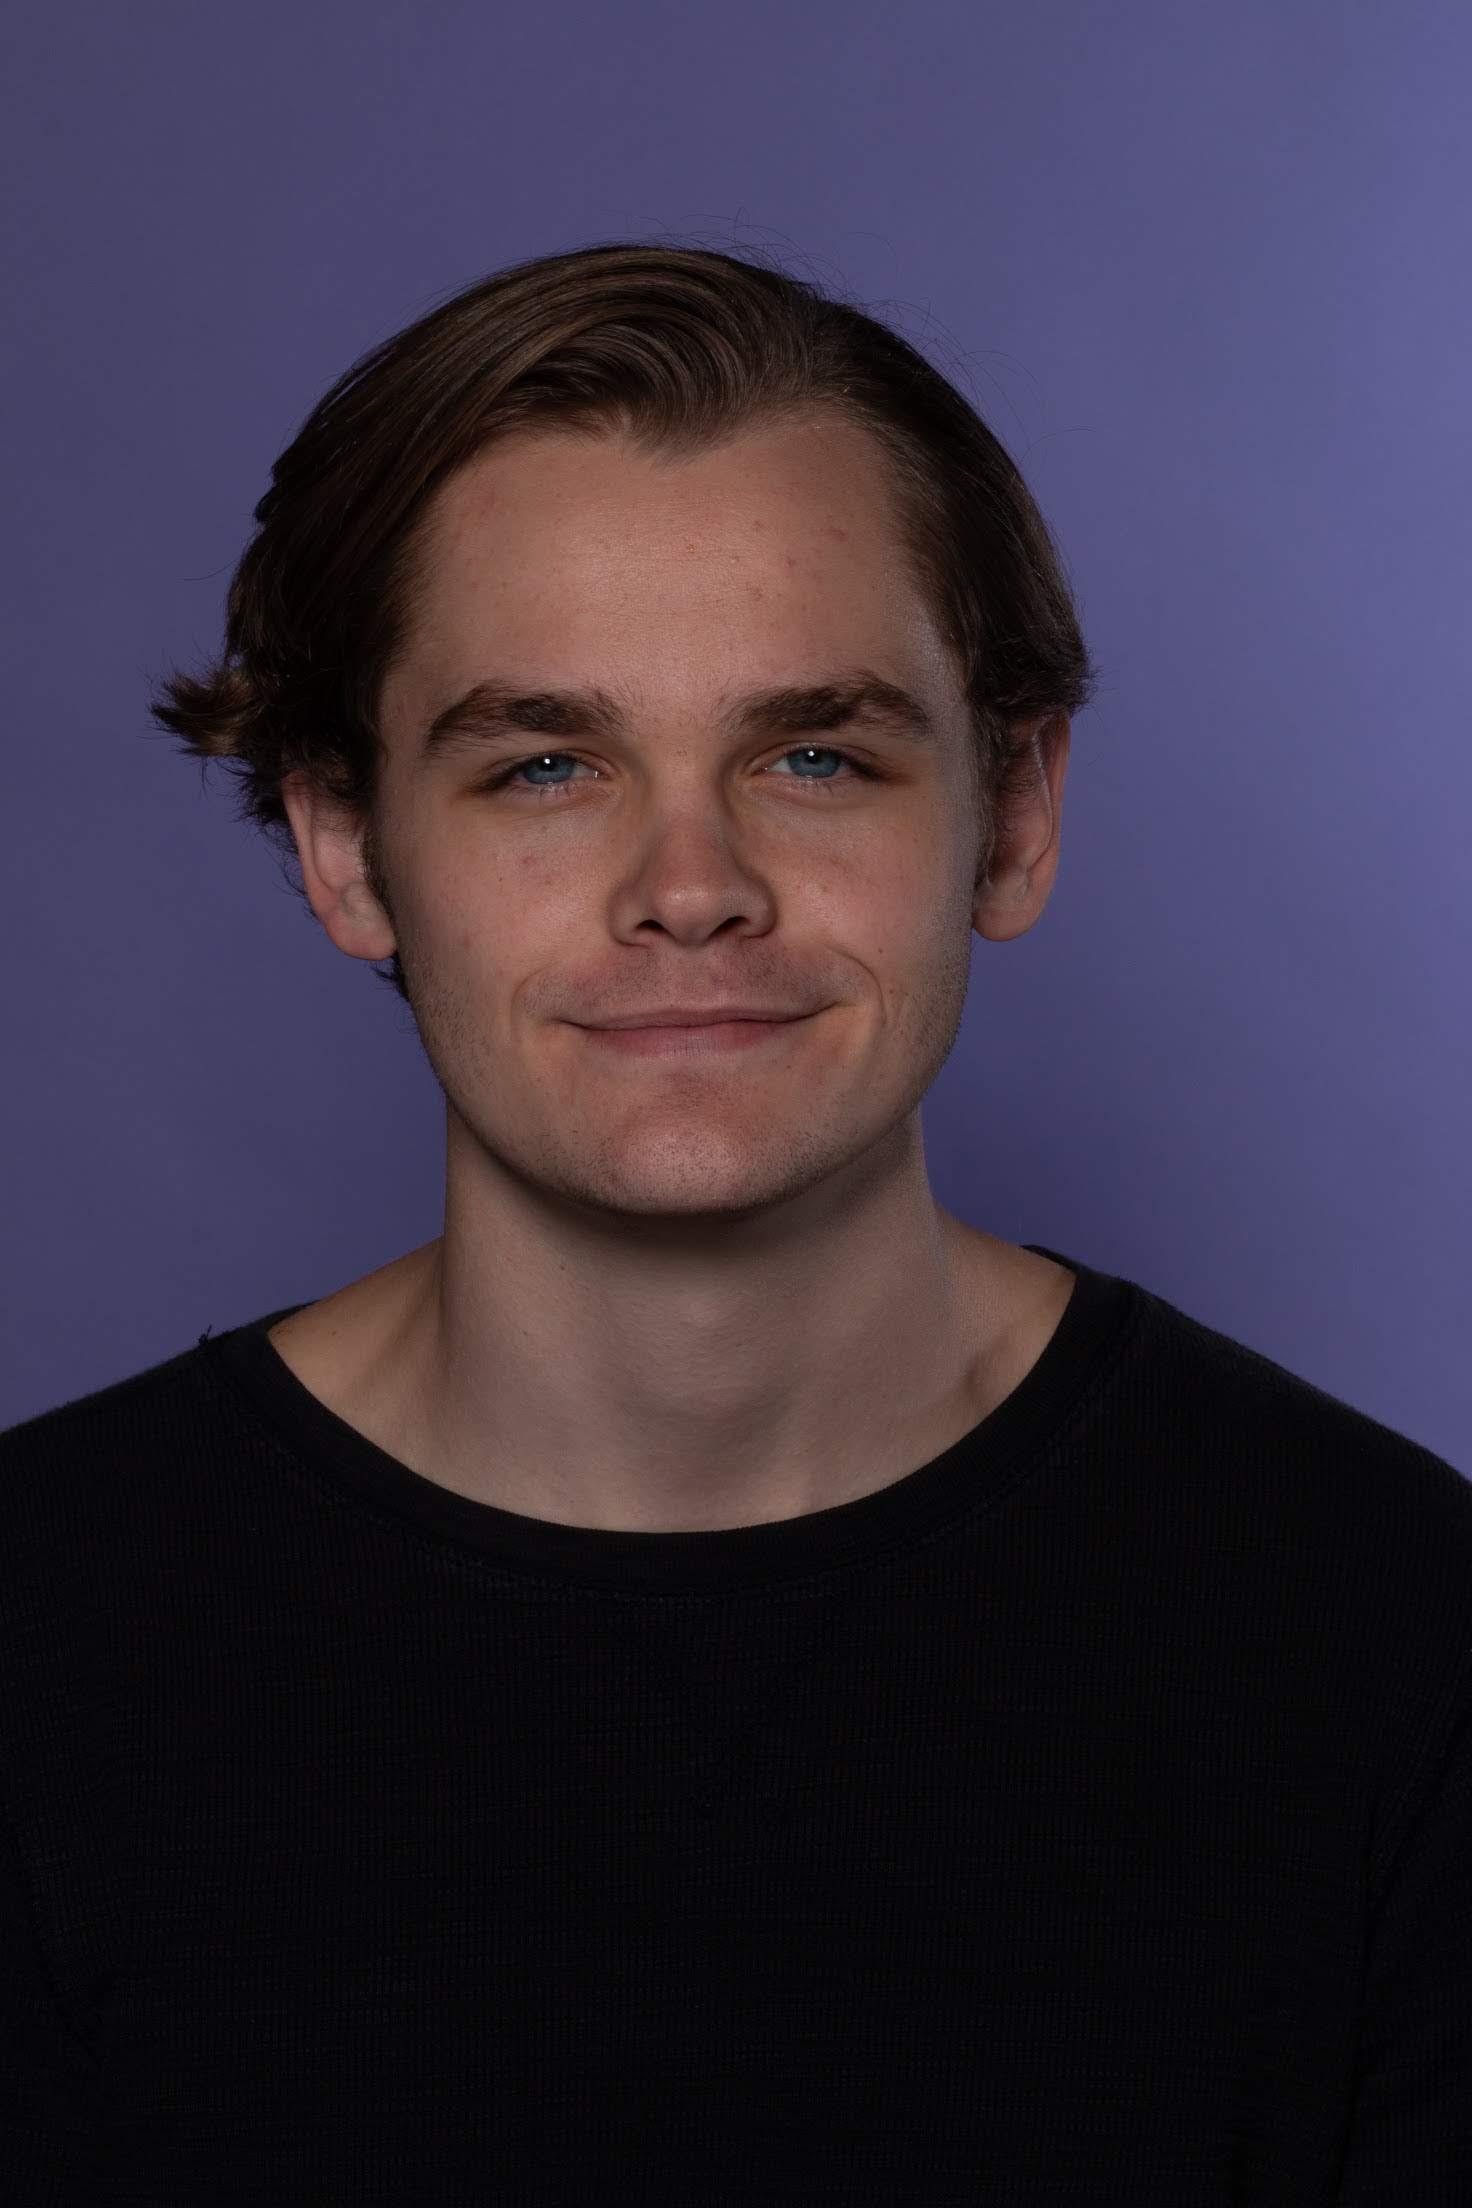 Christian Hastings Barker